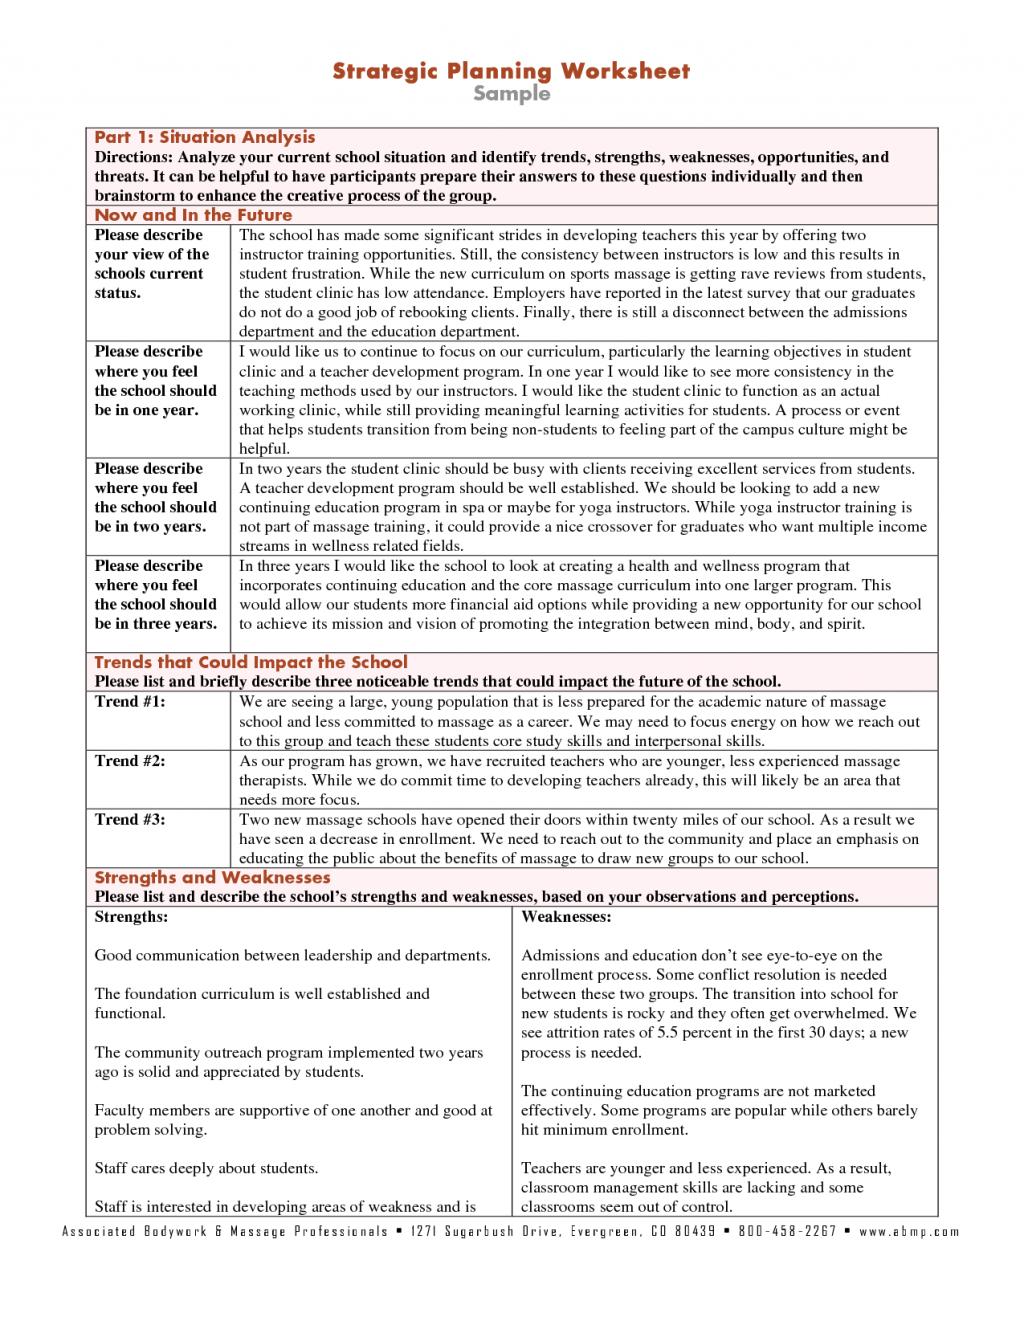 Worksheet Sample Strategic Planning Worksheets